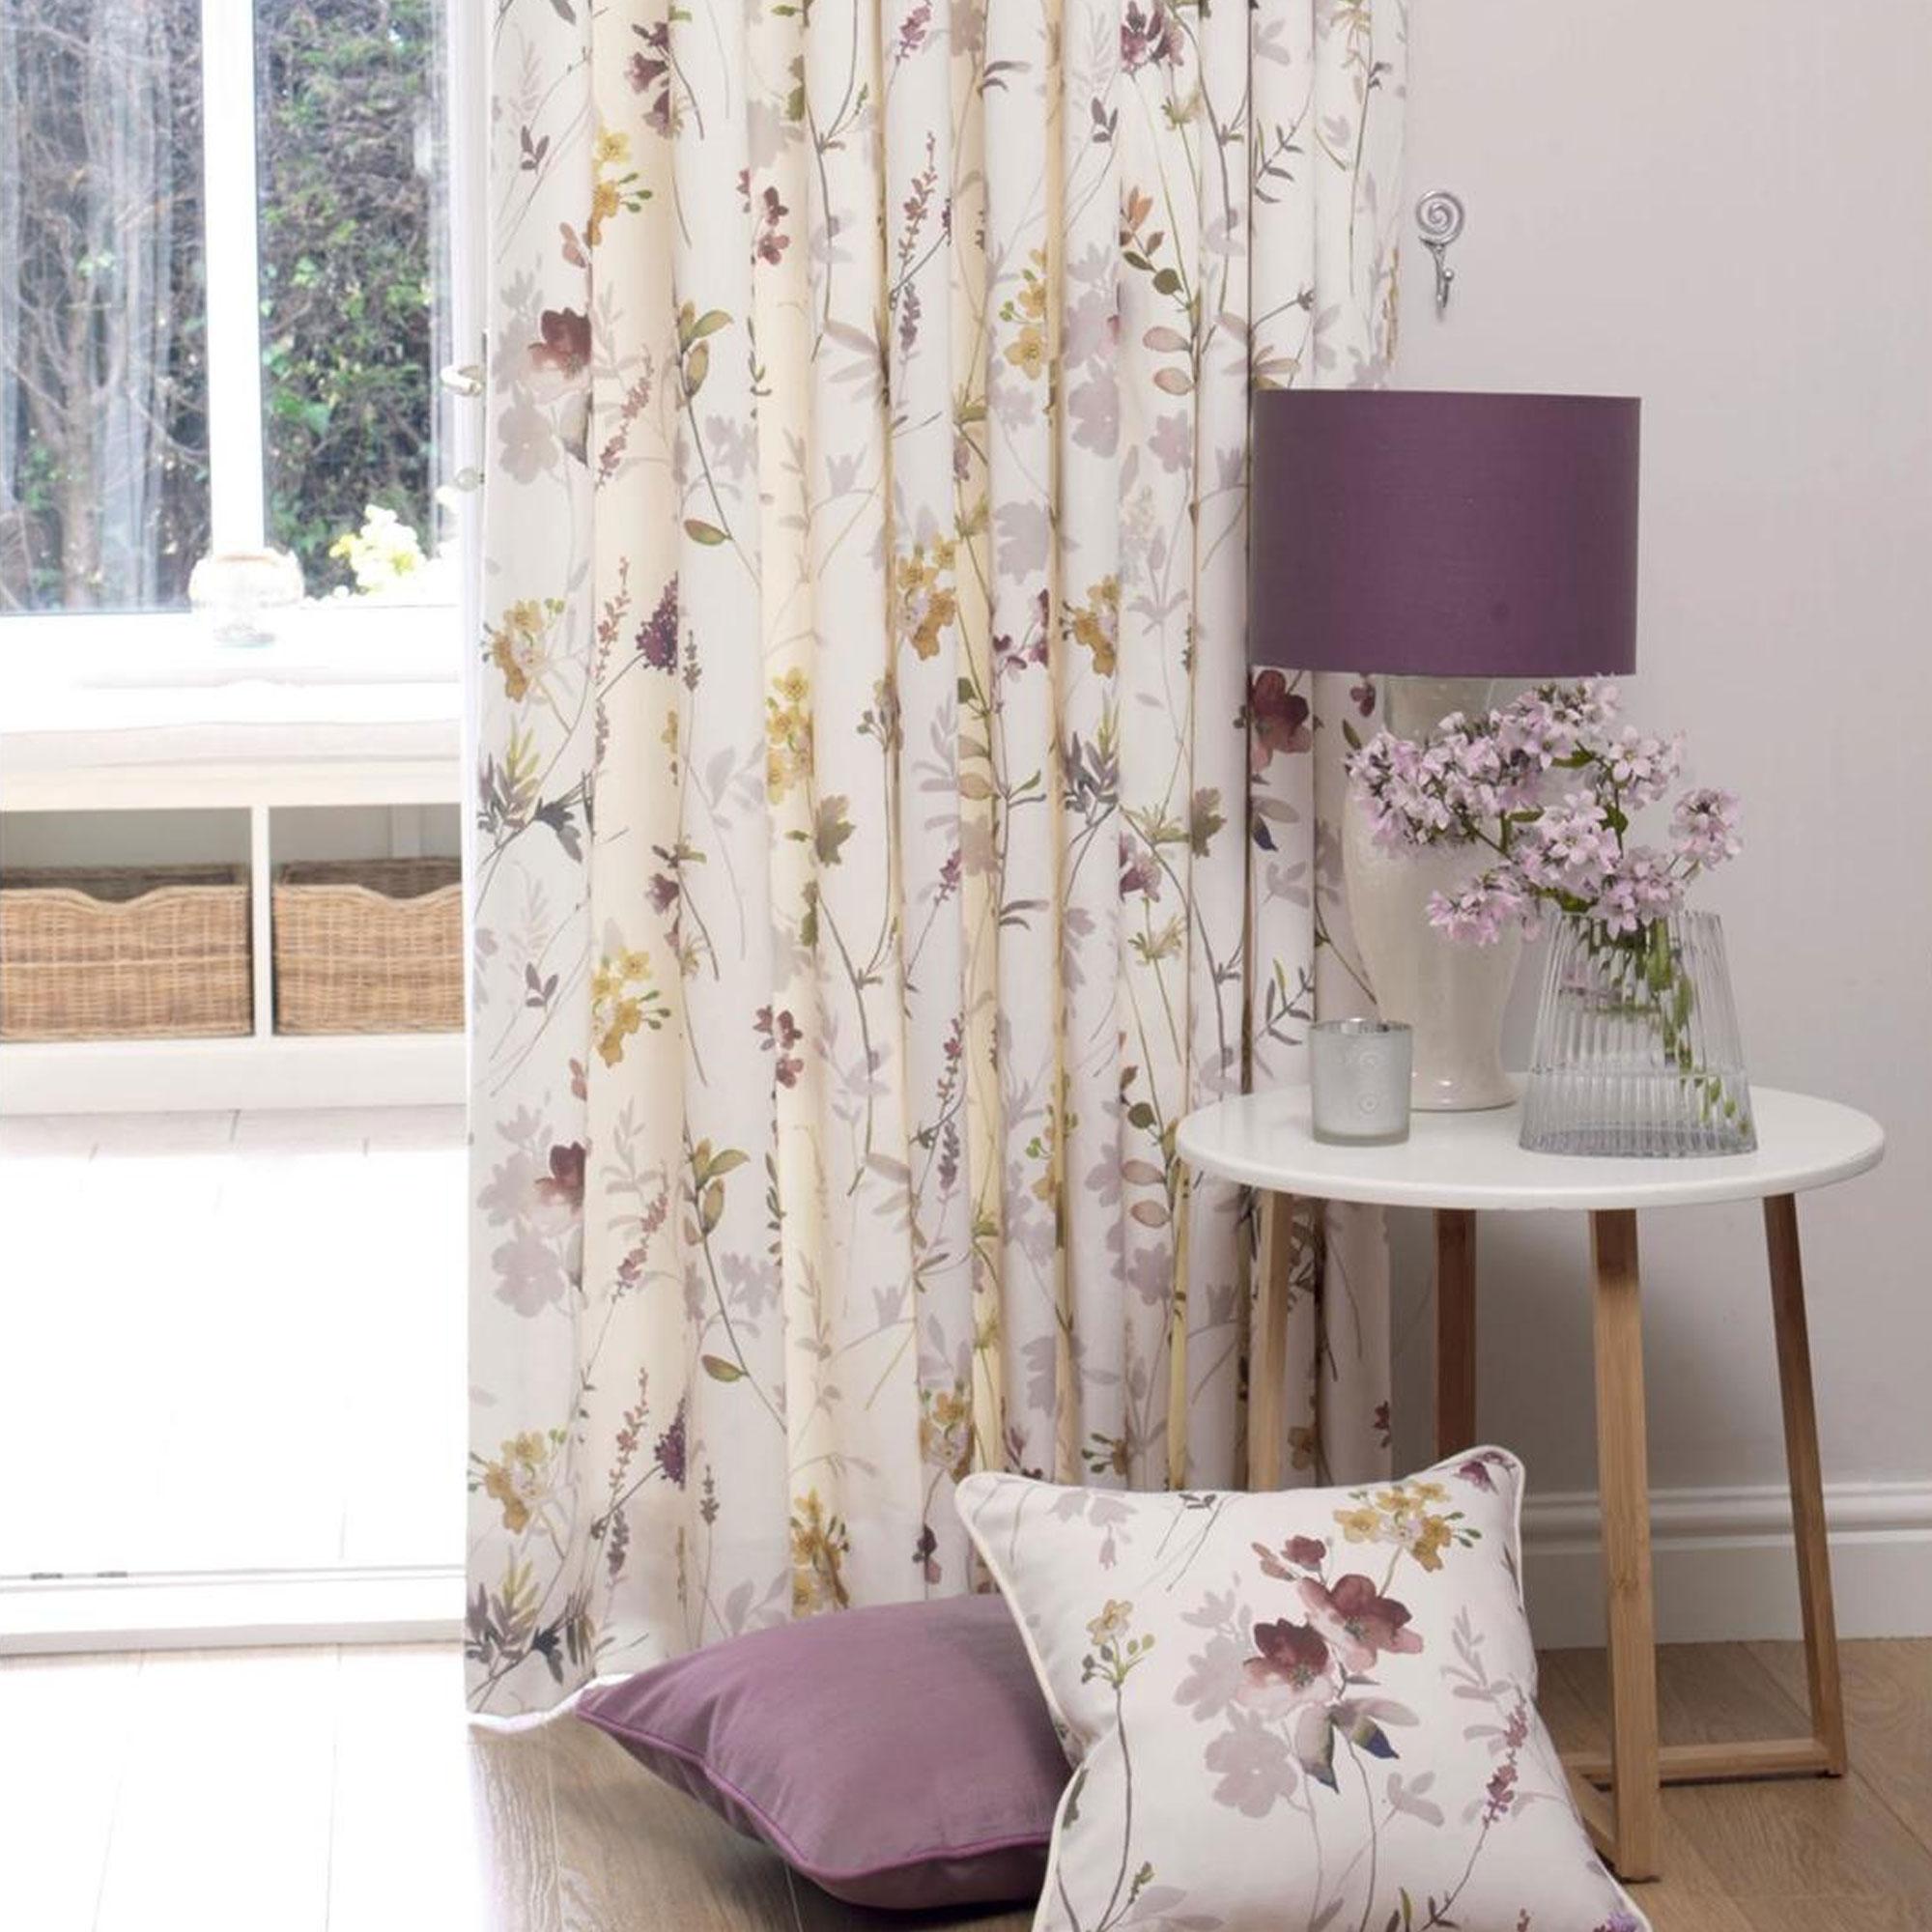 Tuilleries - Rose Quartz, Pencil Pleat Curtains